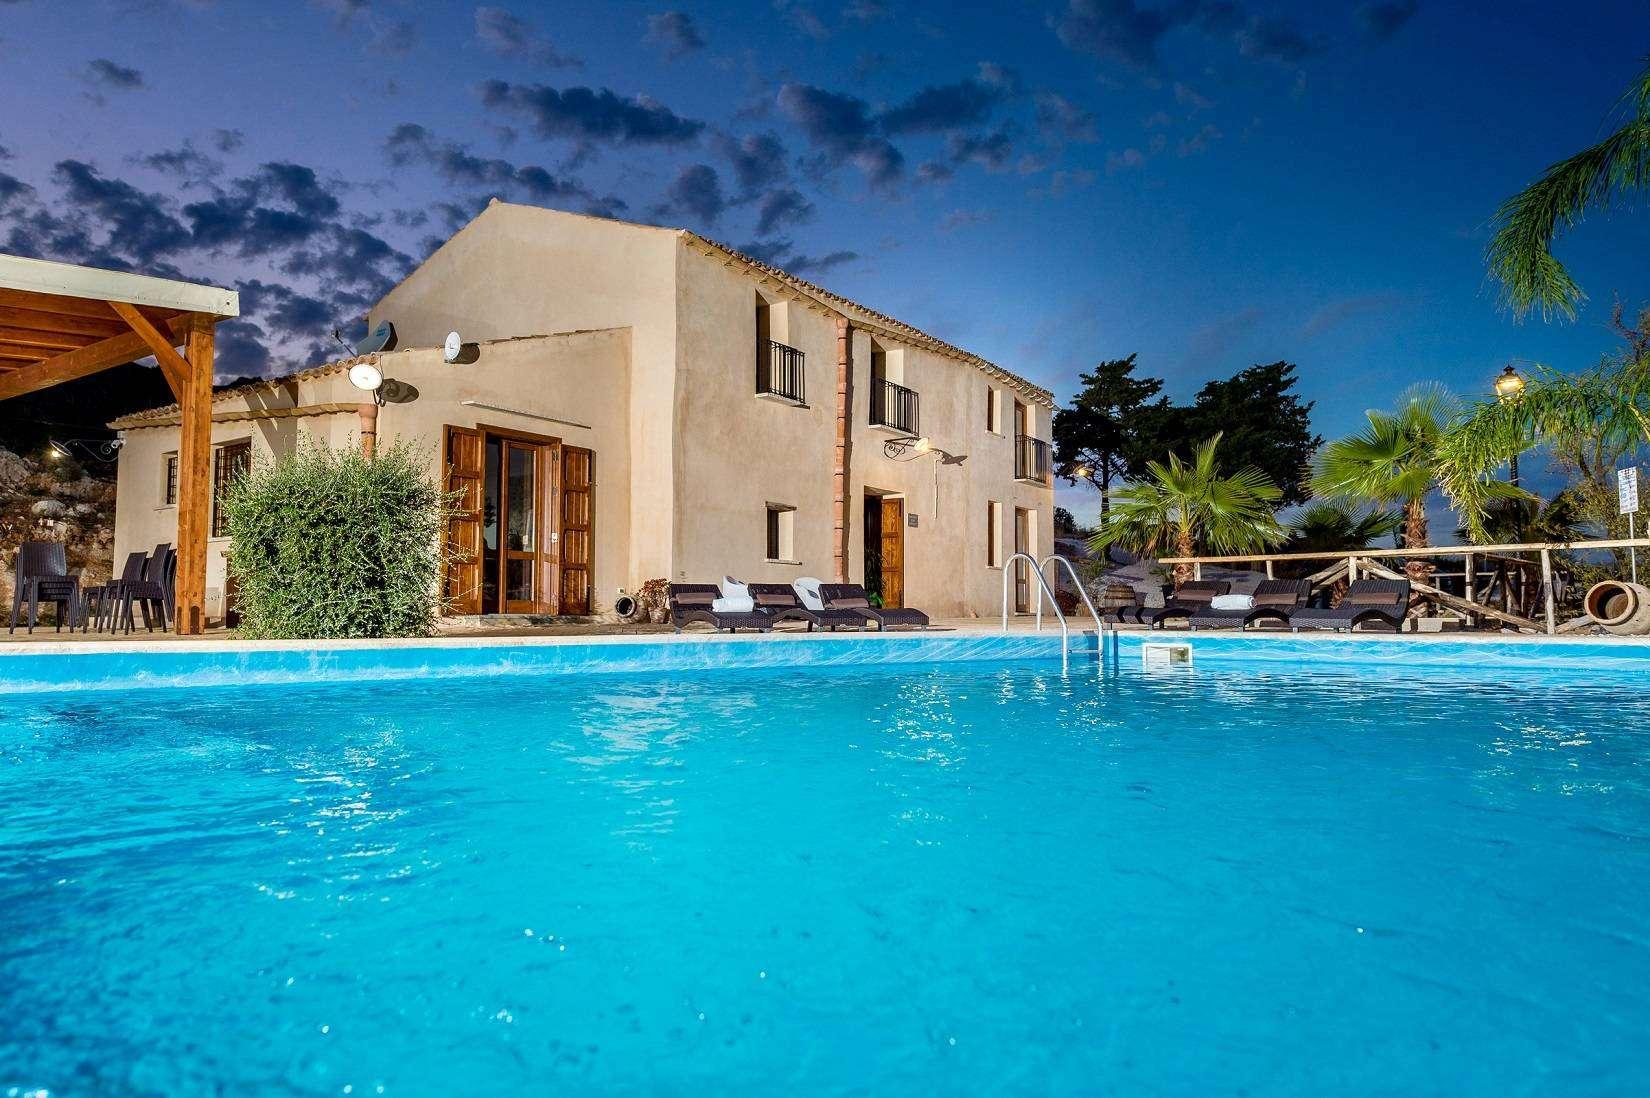 22 Le Muse Pool